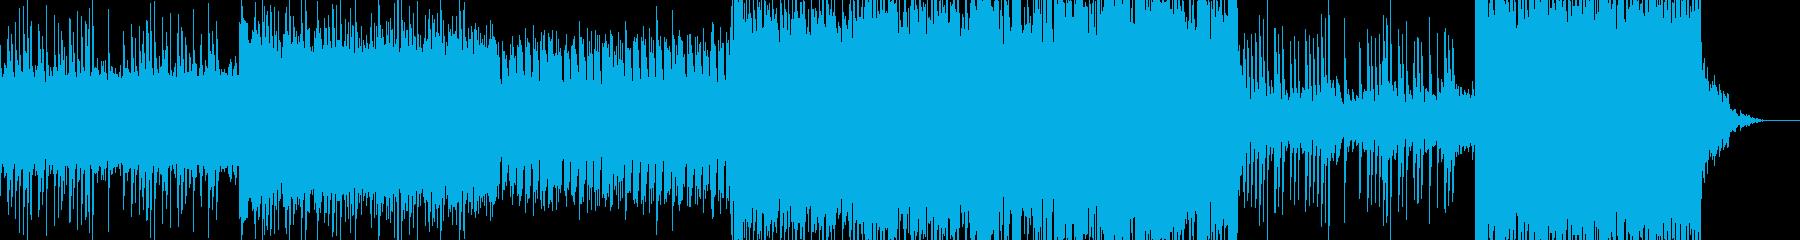 和風感動系BGMの再生済みの波形